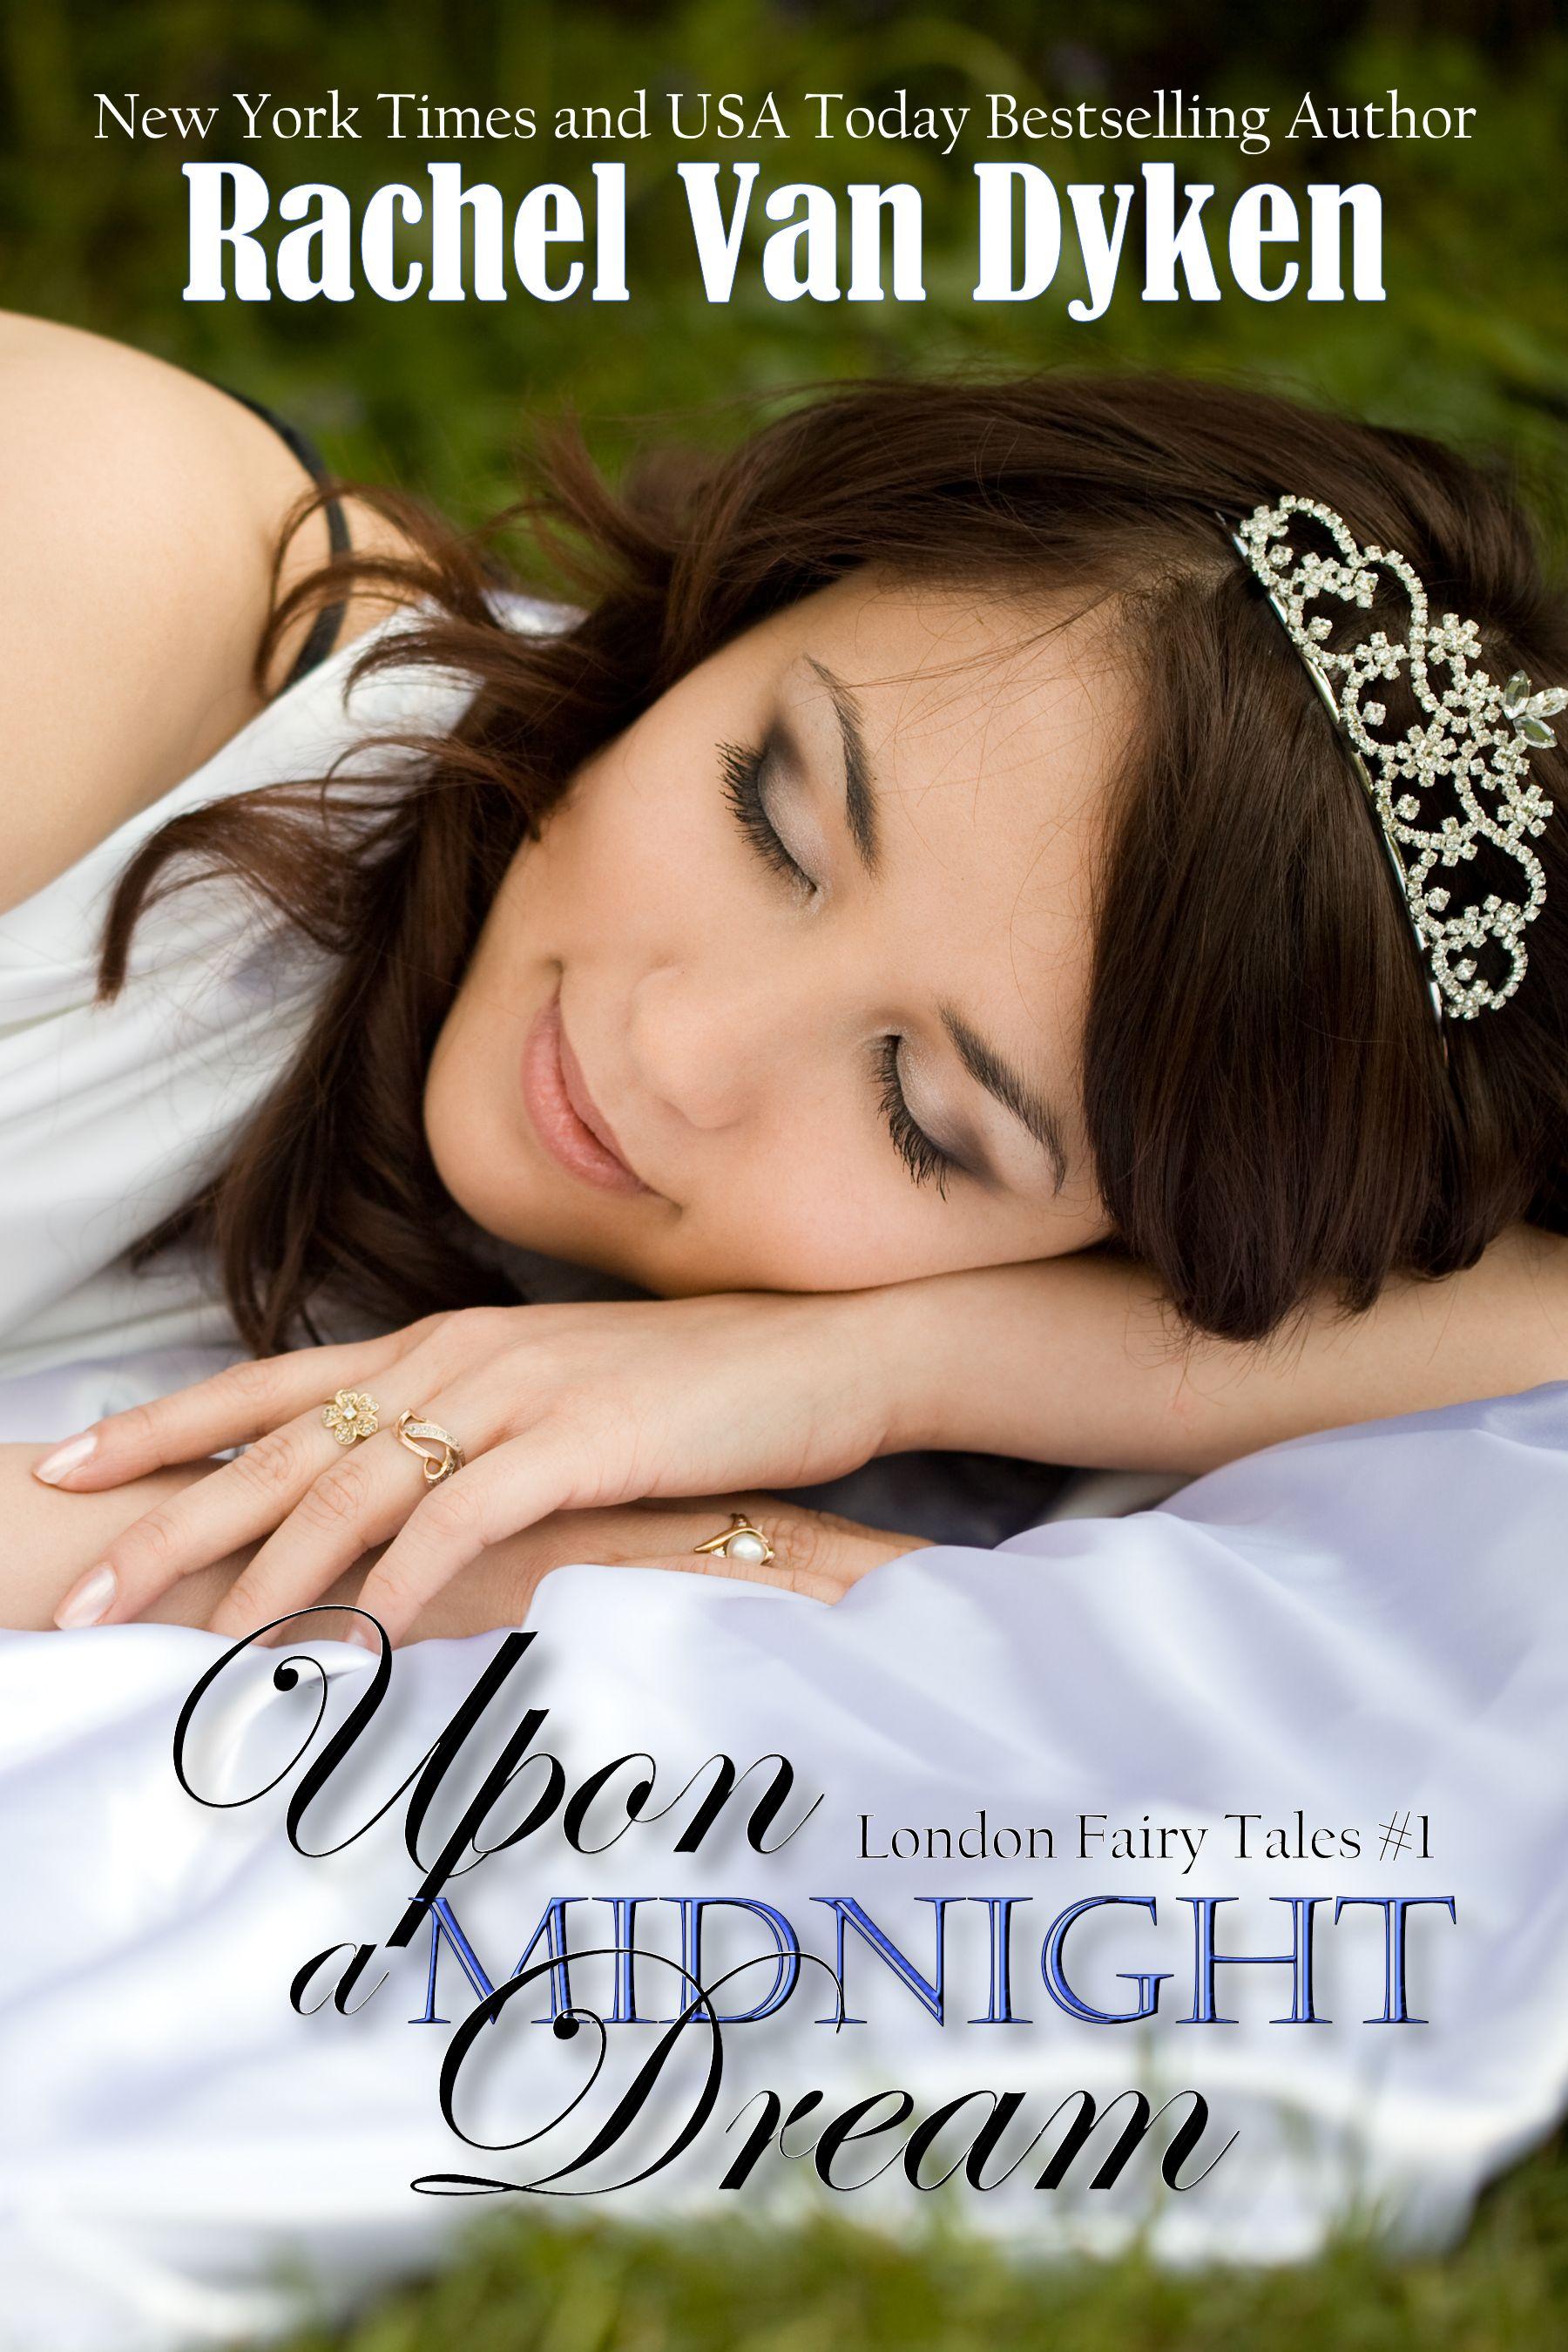 Rachel Van Dyken - Upon A Midnight Dream